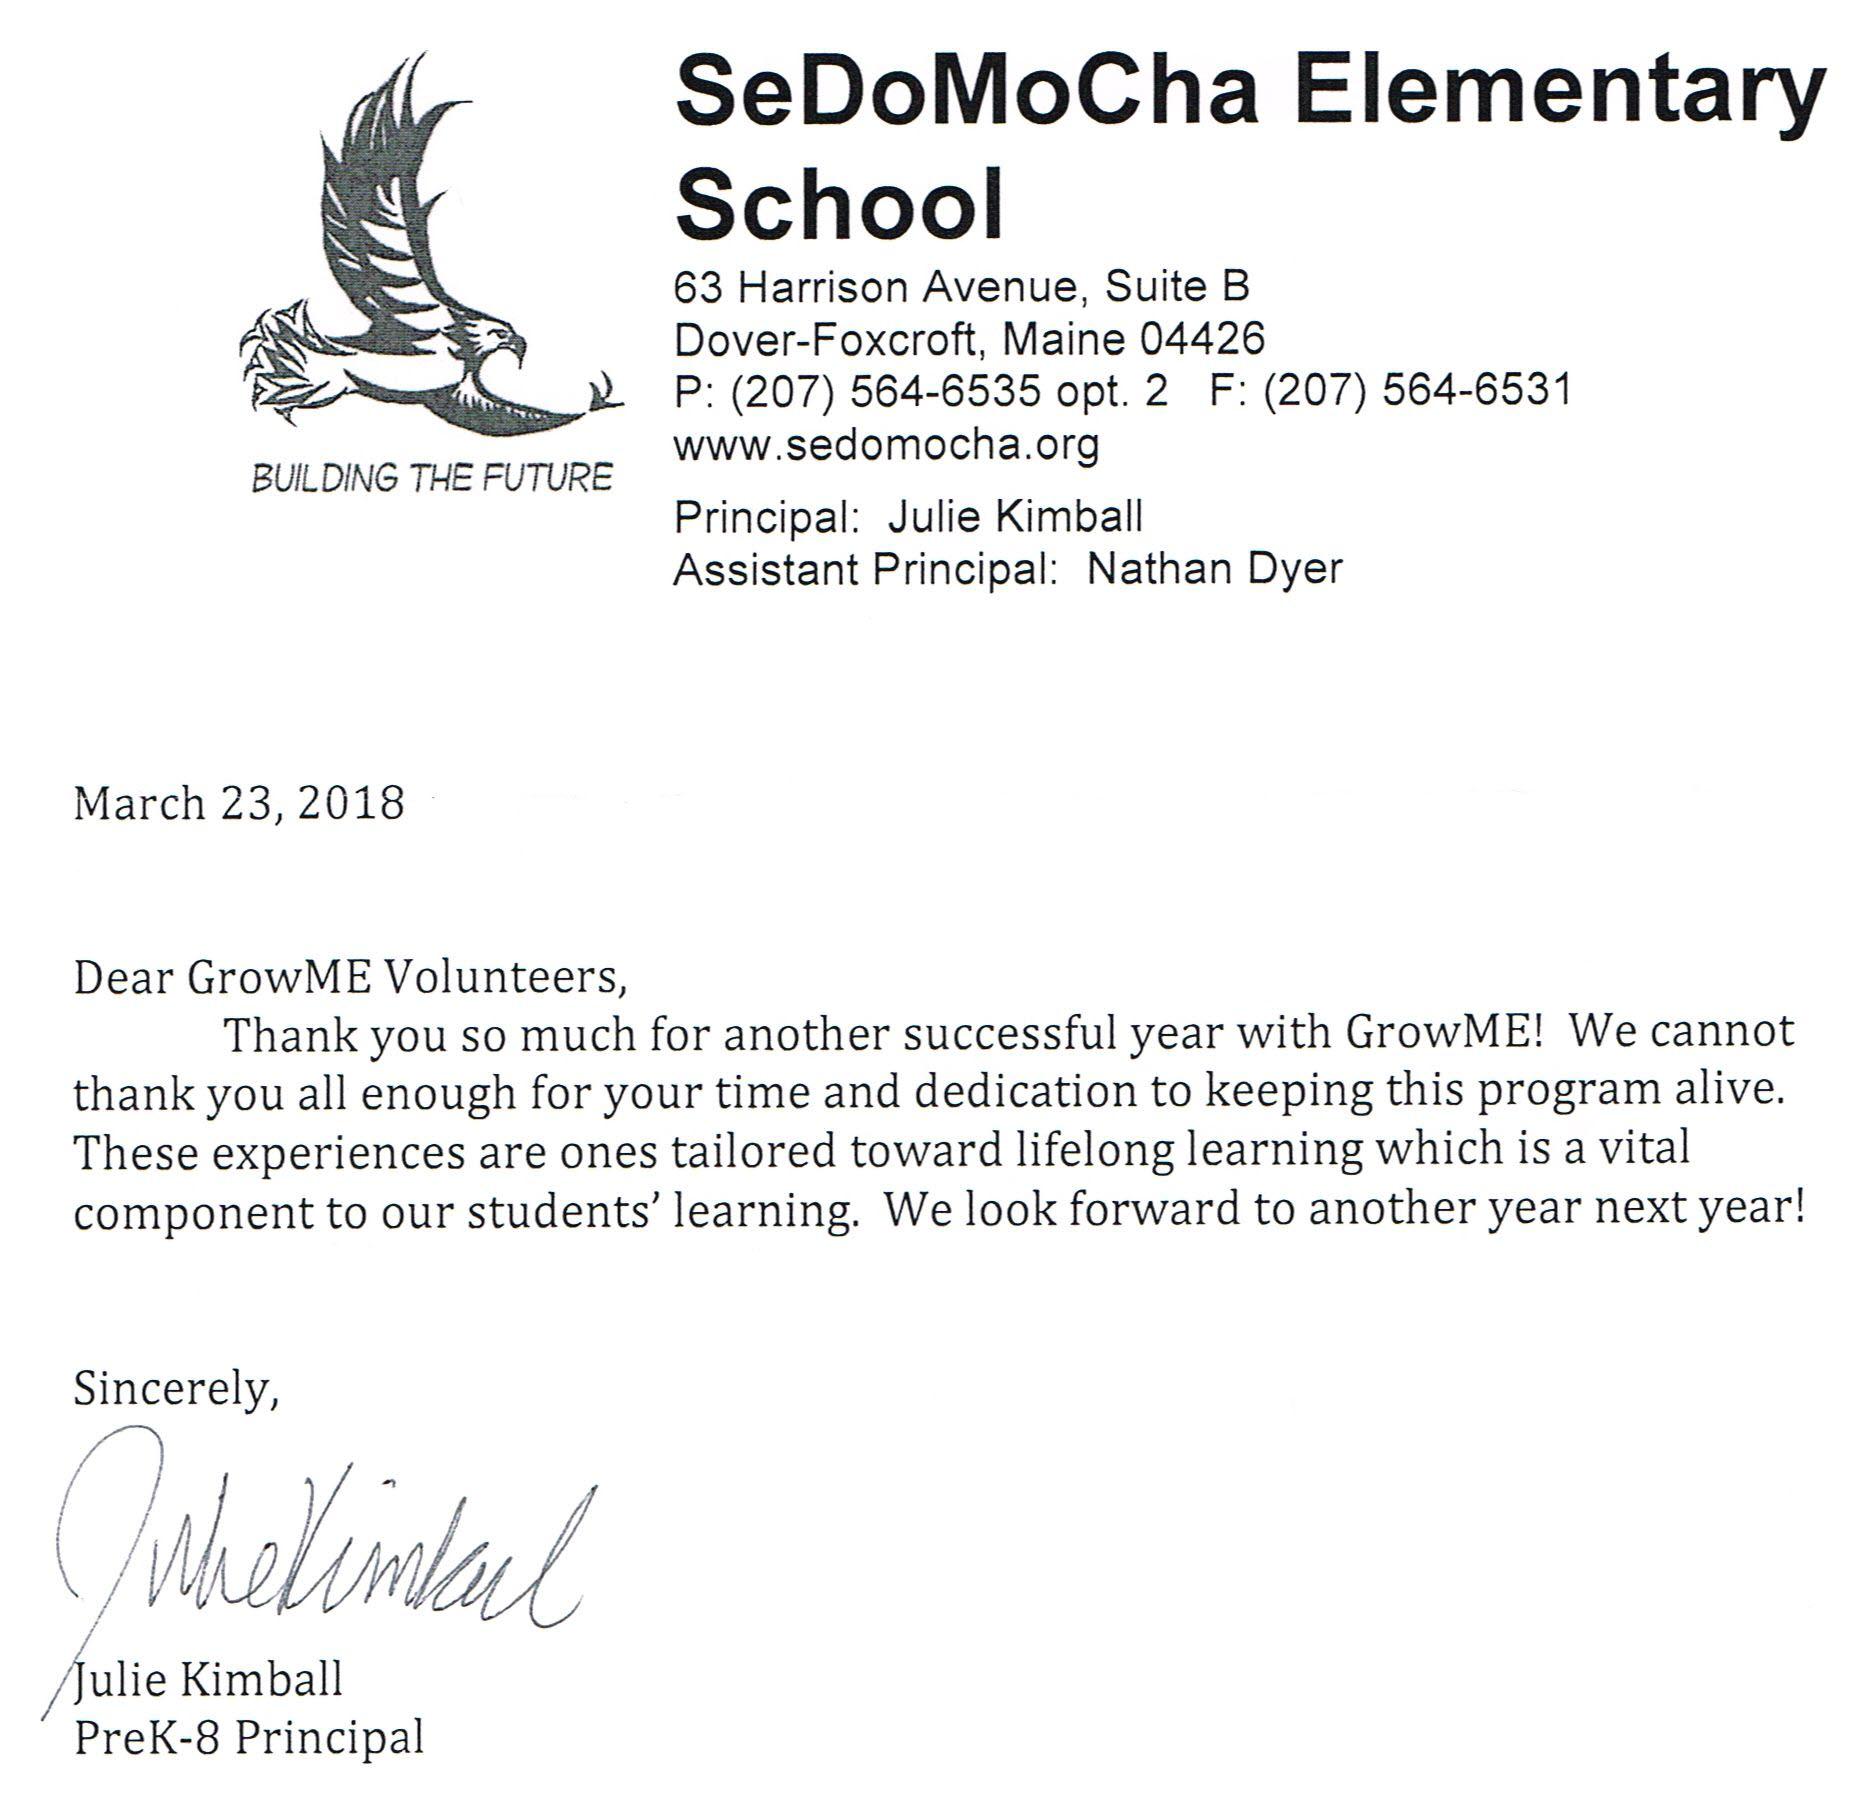 SeDo Thank You